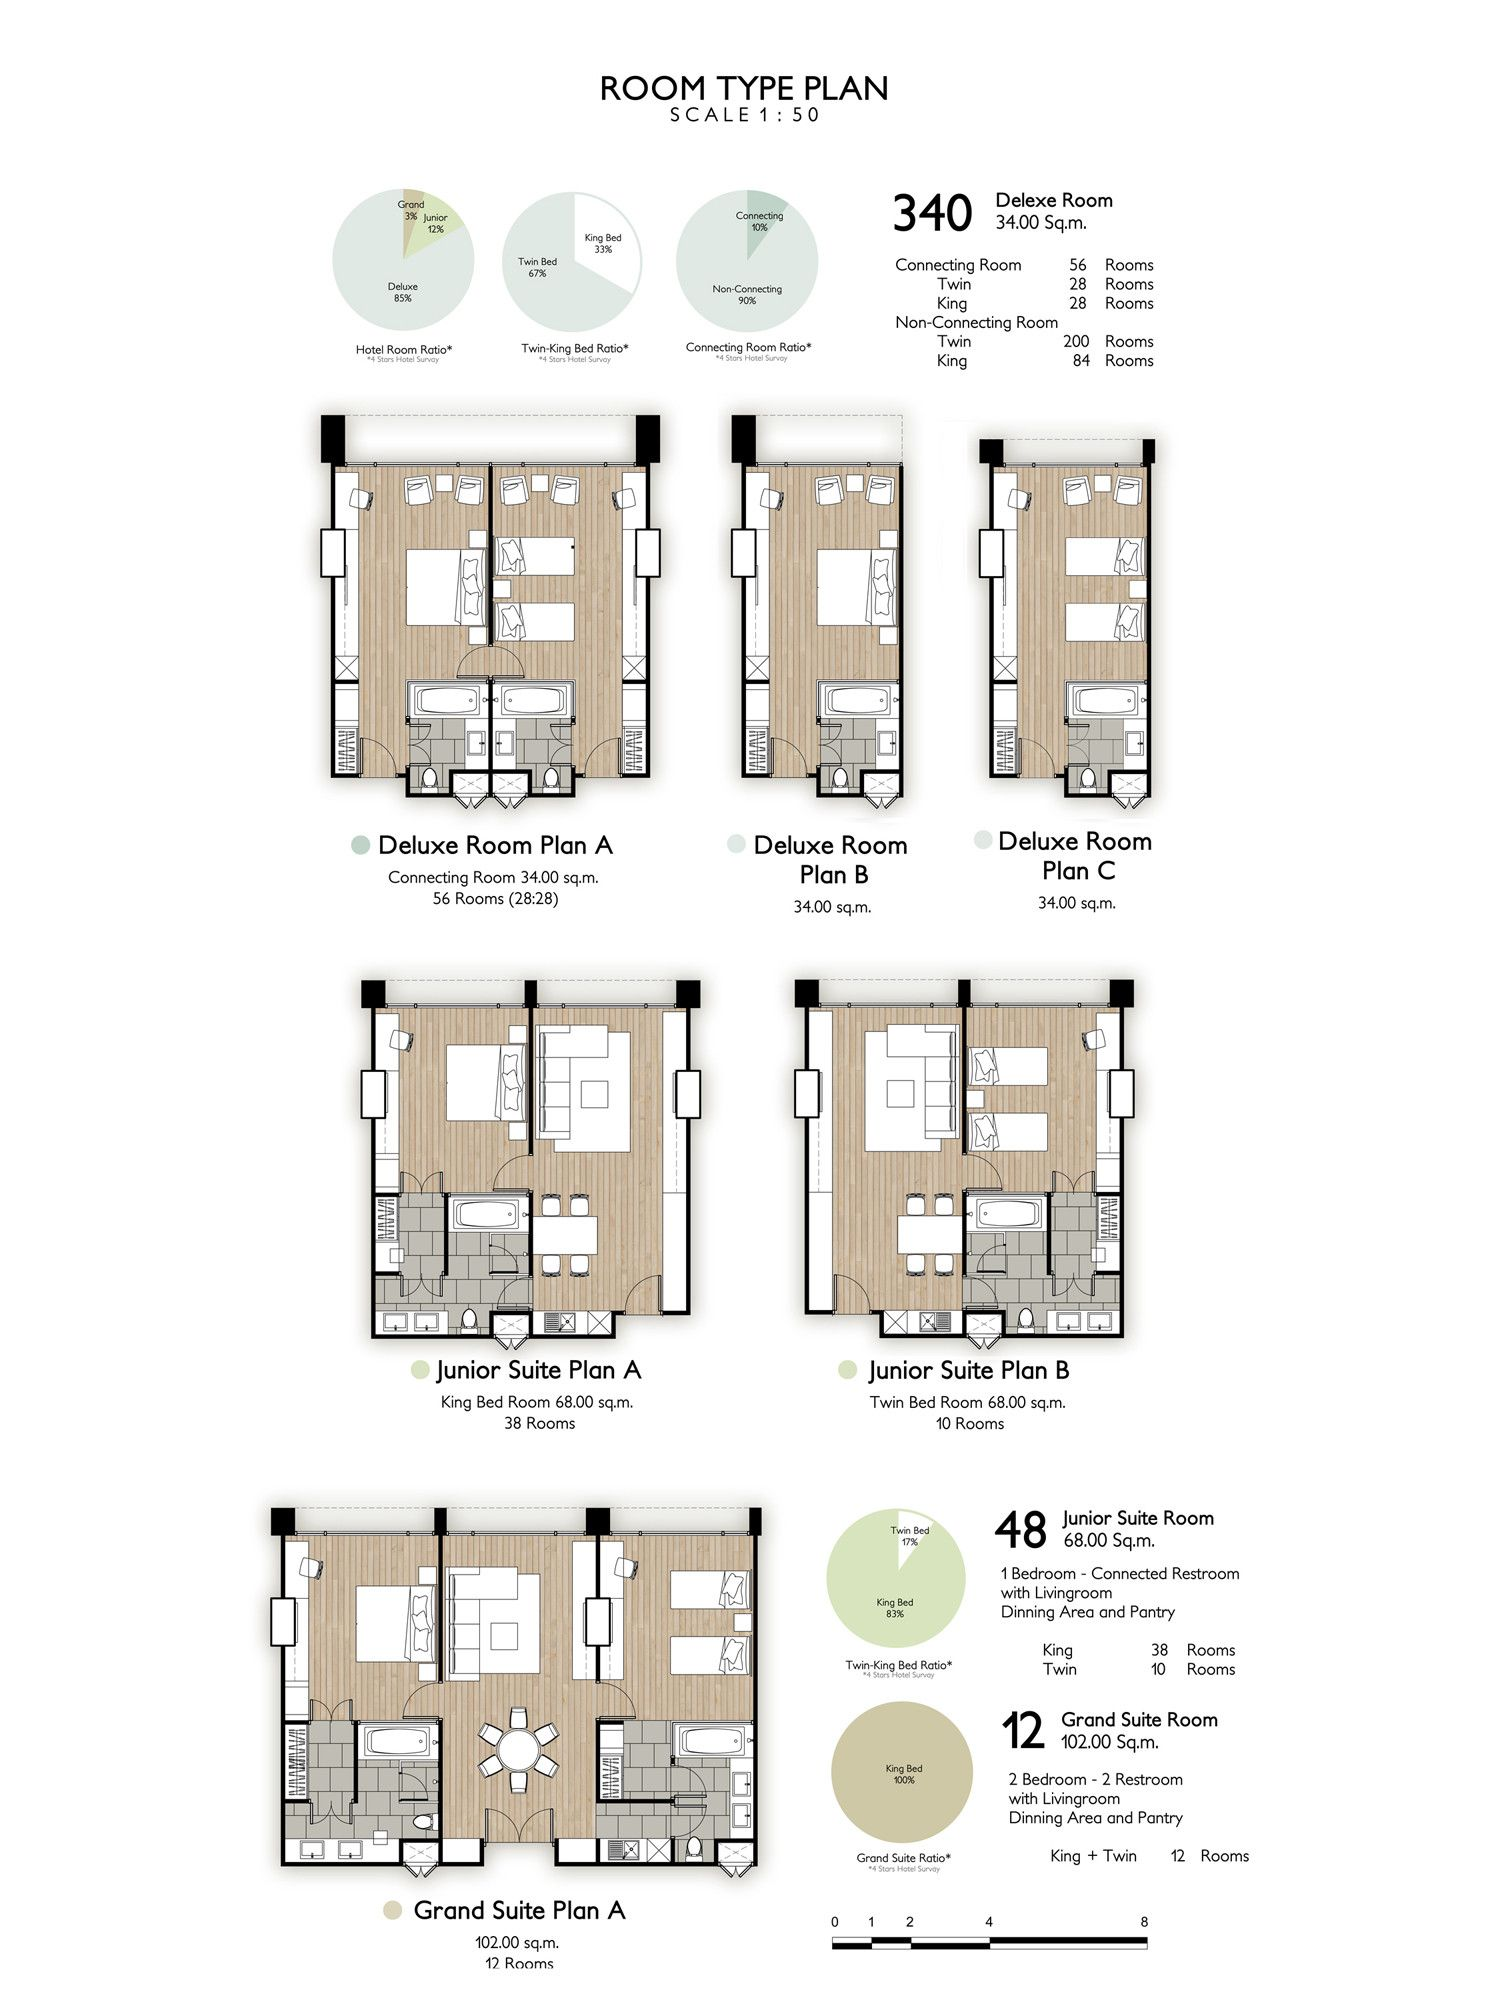 Small Hotel Room Design: Pin Von Air.concept Case Studies Auf #RES